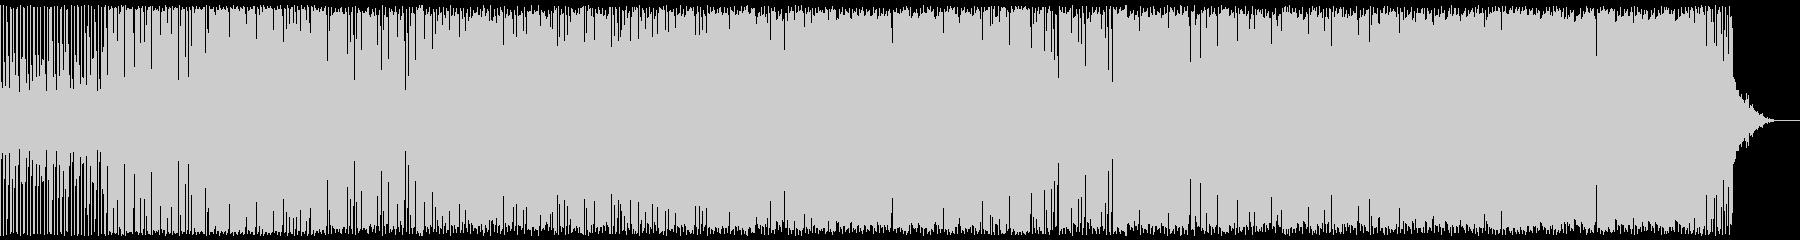 明るく可愛いエレクトロポップの未再生の波形